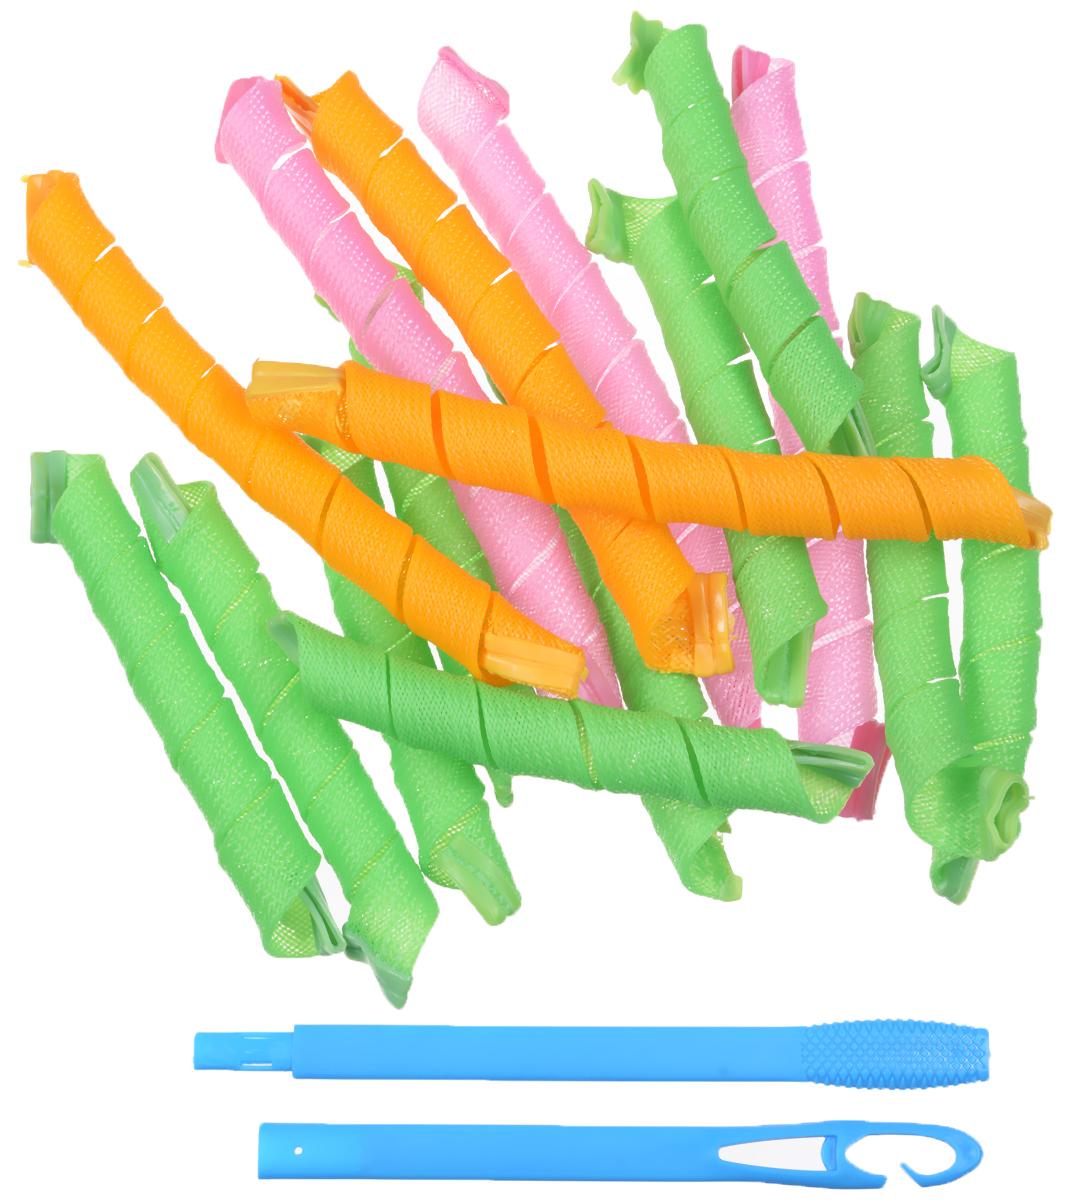 Hair Wavz Бигуди, 10 х 36 см, 6 х 51 смХВНабор бигуди Hair Wavz является простым и легким способом всегда выглядеть безупречно стильно! Предназначен для создания мелких кудряшек, локонов и волн, а также придания дополнительного объема. Бигуди произведены из мягкого полиметного материала, и в них можно спать. Hair Wavz выполнены из мягкого пластика с силиконовыми наконечниками, что позволяет им служить долго, подходят для кончиков и на длинные волосы, а также на каскадную стрижку. Ваша прическа зависит только от вашей фантазии и настроения! Преимущества волшебных бигуди Hair Wavz: Создают большой объем. Удобны и легки в использовании. Справится даже ребенок! Подходят как для коротких, так и для длинных волос. Позволяют легко контролировать направление и равномерность укладки без заломов. Обеспечивают бережное отношение к волосам. Смена имиджа за час. Процесс накручивания бигуди Hair Wavz никогда не утомит вас. Экономия времени и денег на дорогих салонах. ...